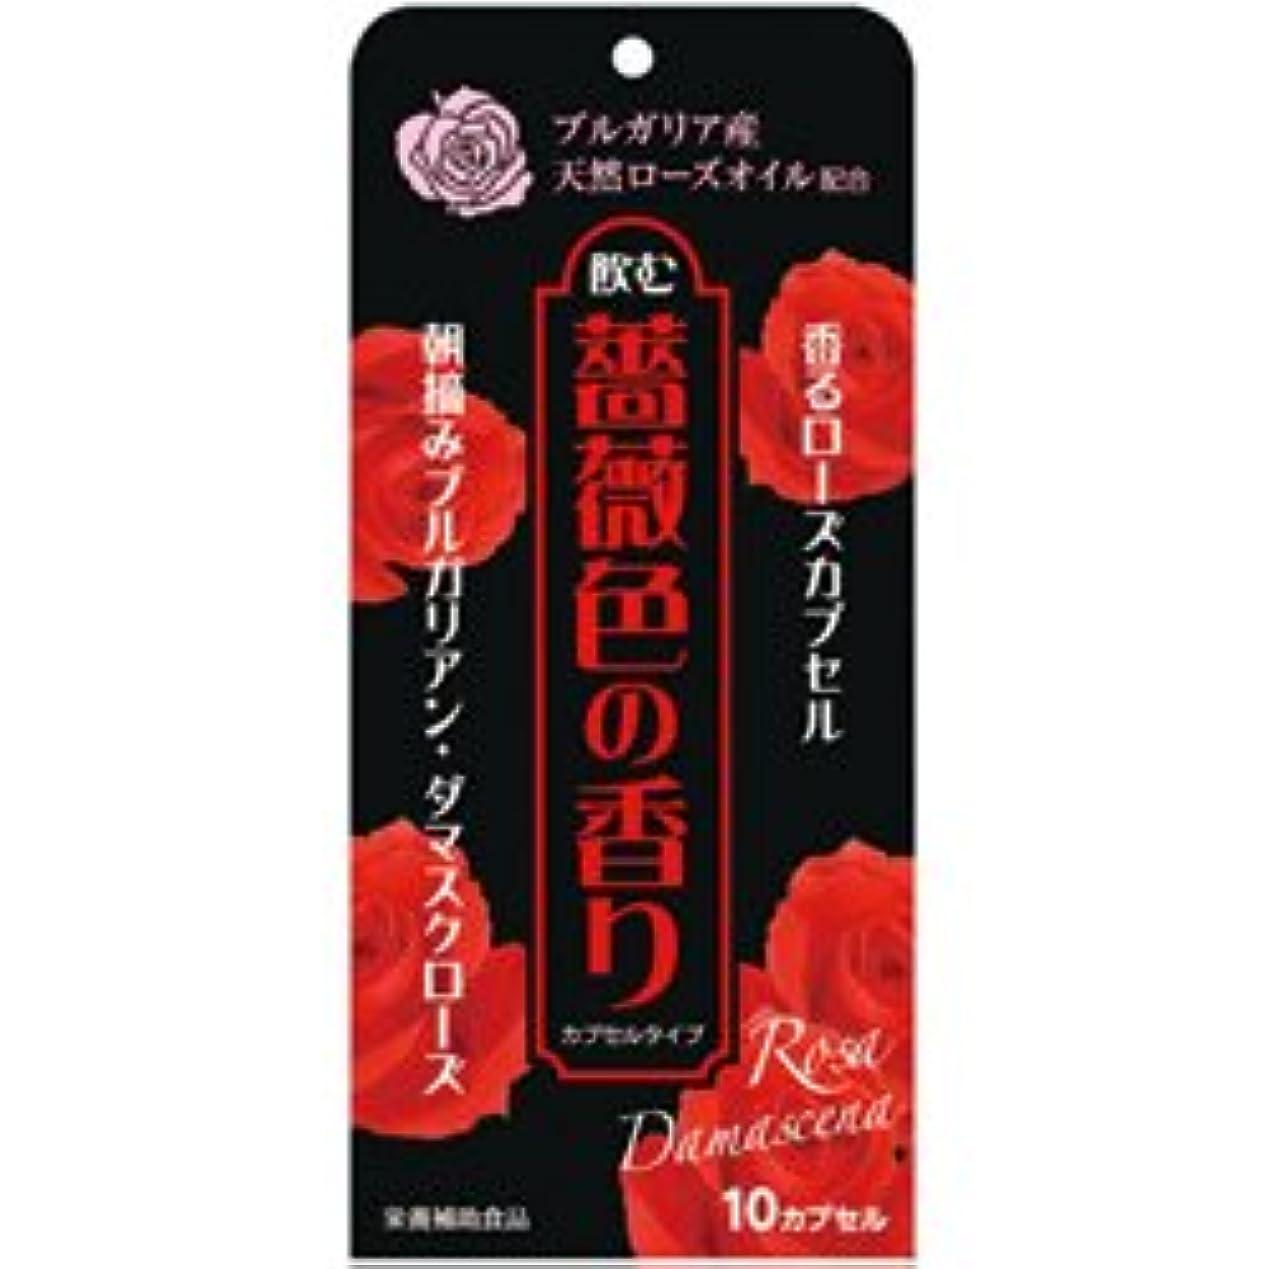 集団的暗いテーマ【ウェルネスジャパン】飲む薔薇色の香り 10カプセル ×3個セット